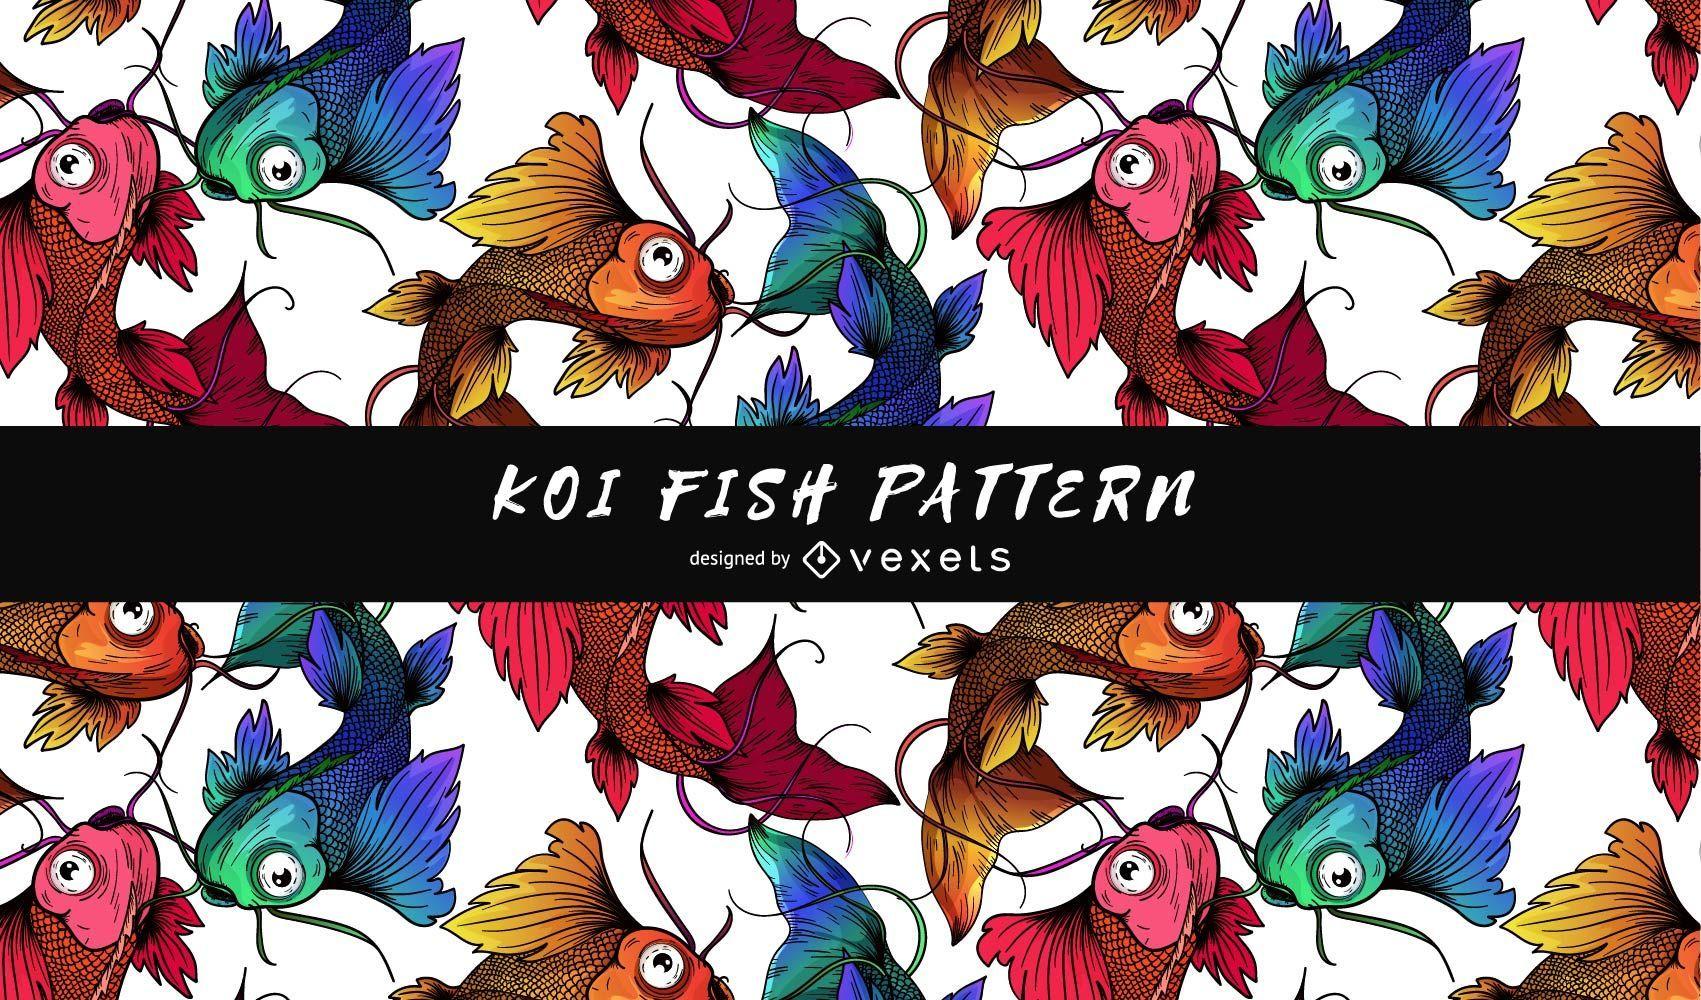 Patrón de pez koi